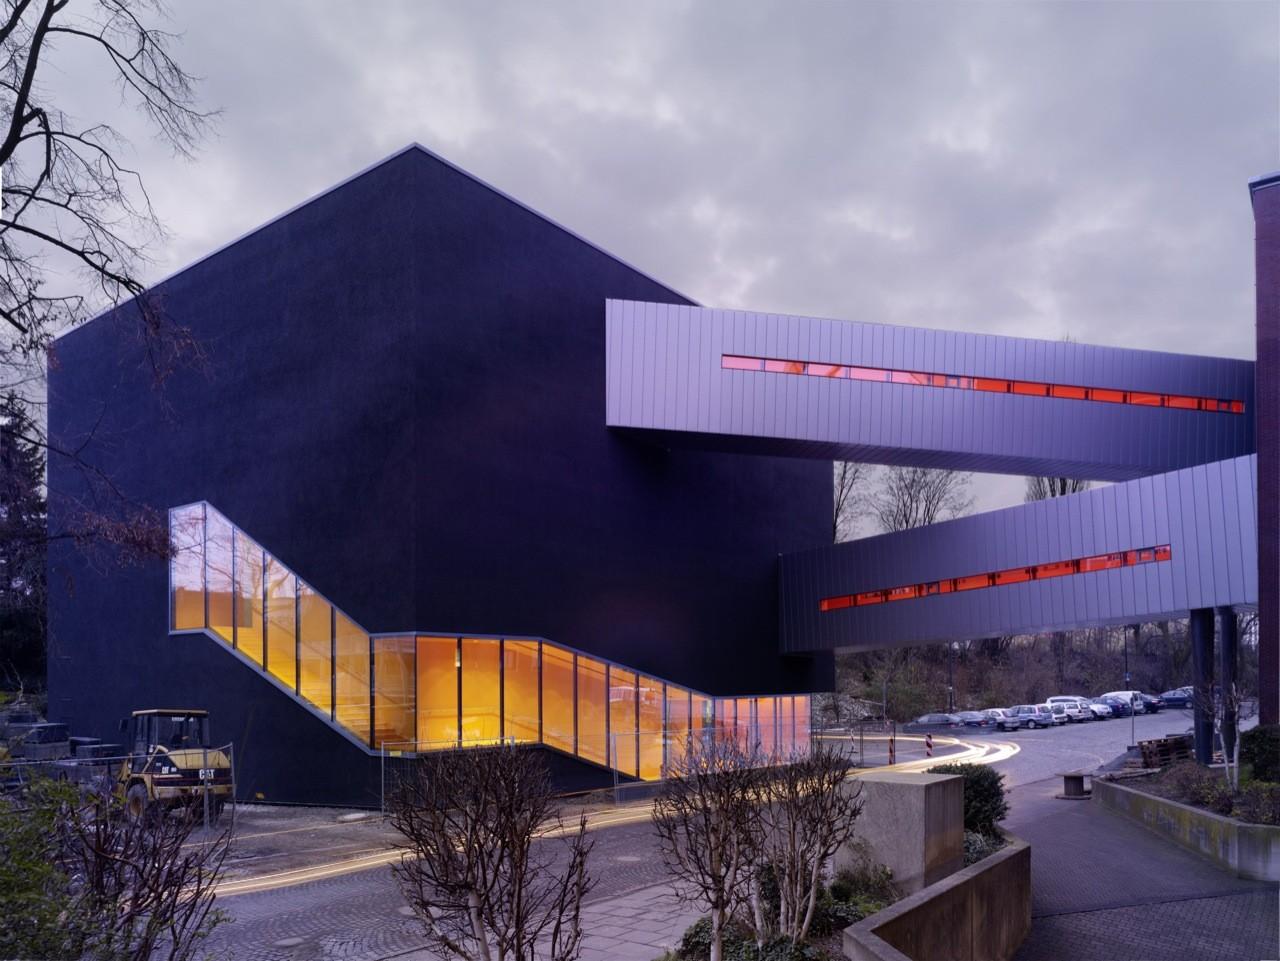 Deutsches Bergbau-Museum / Benthem Crouwel Architekten, © Udo Kowalski